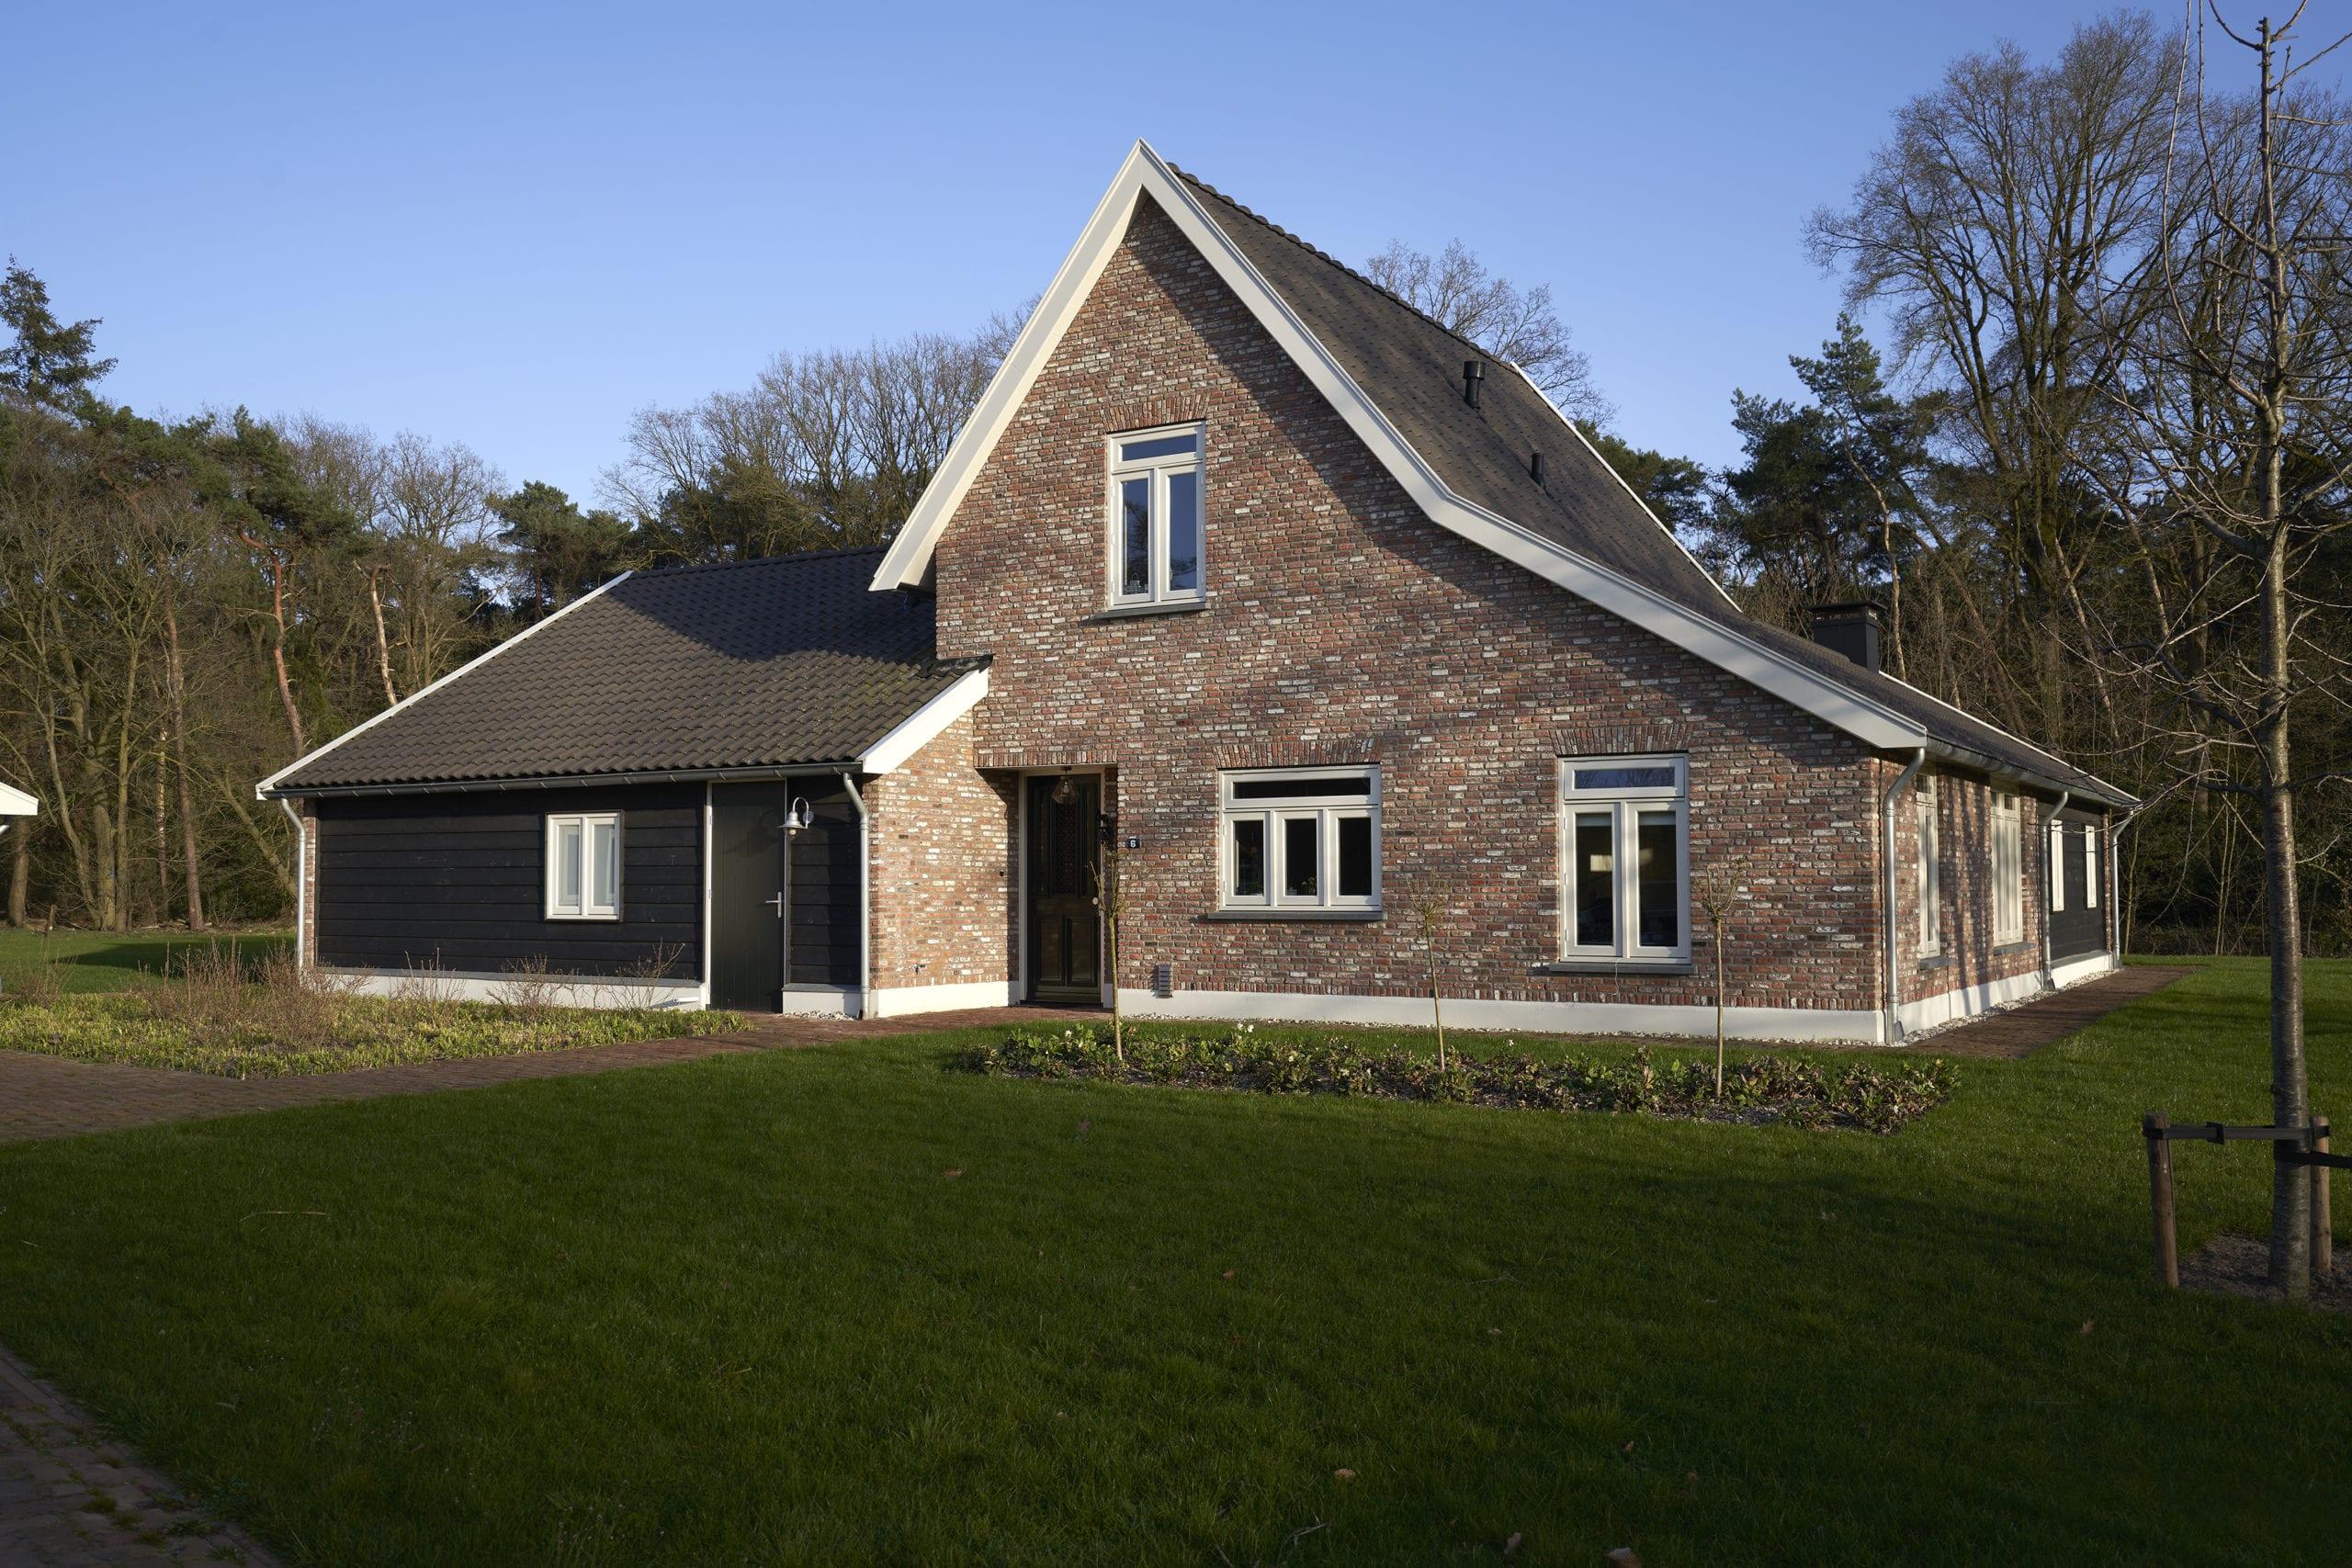 Huis bouwen onder 100.000 euro